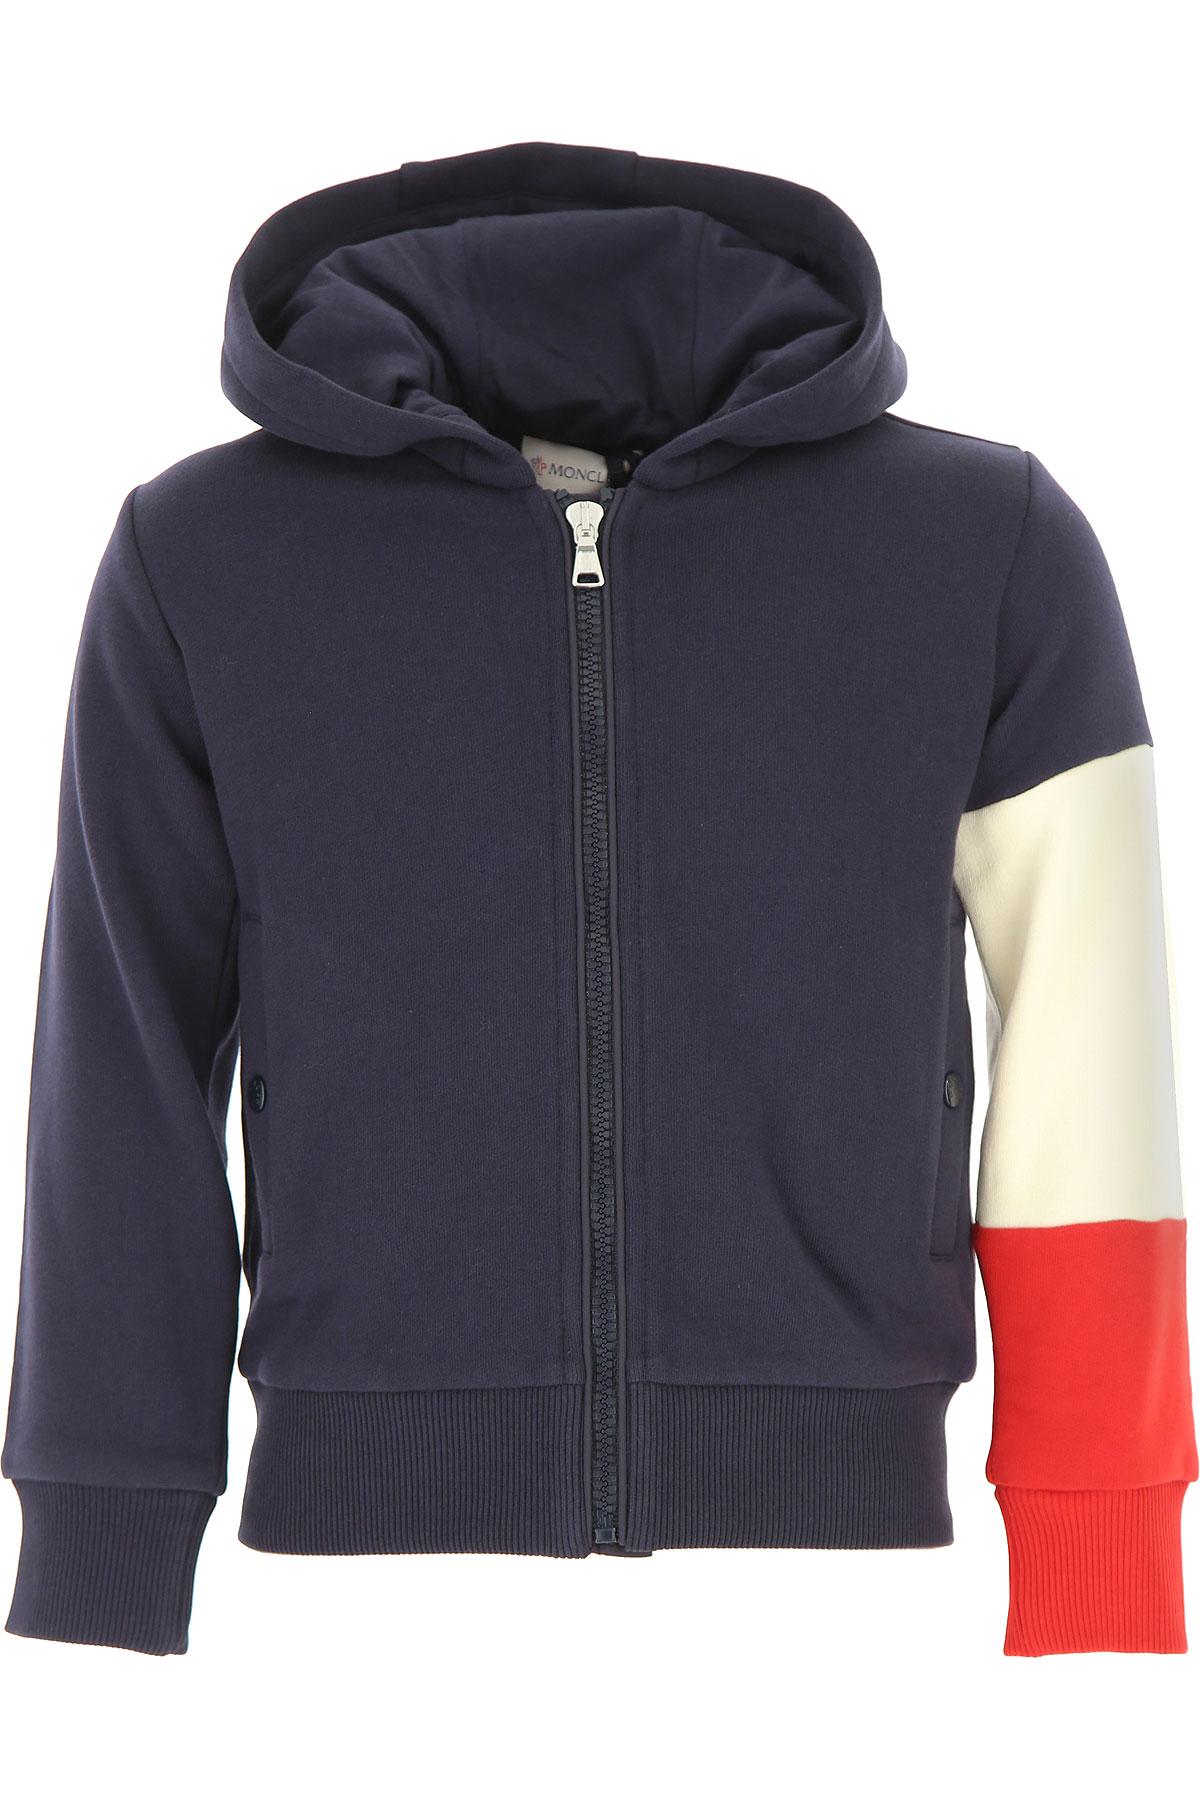 918393e06872 Kidswear Moncler